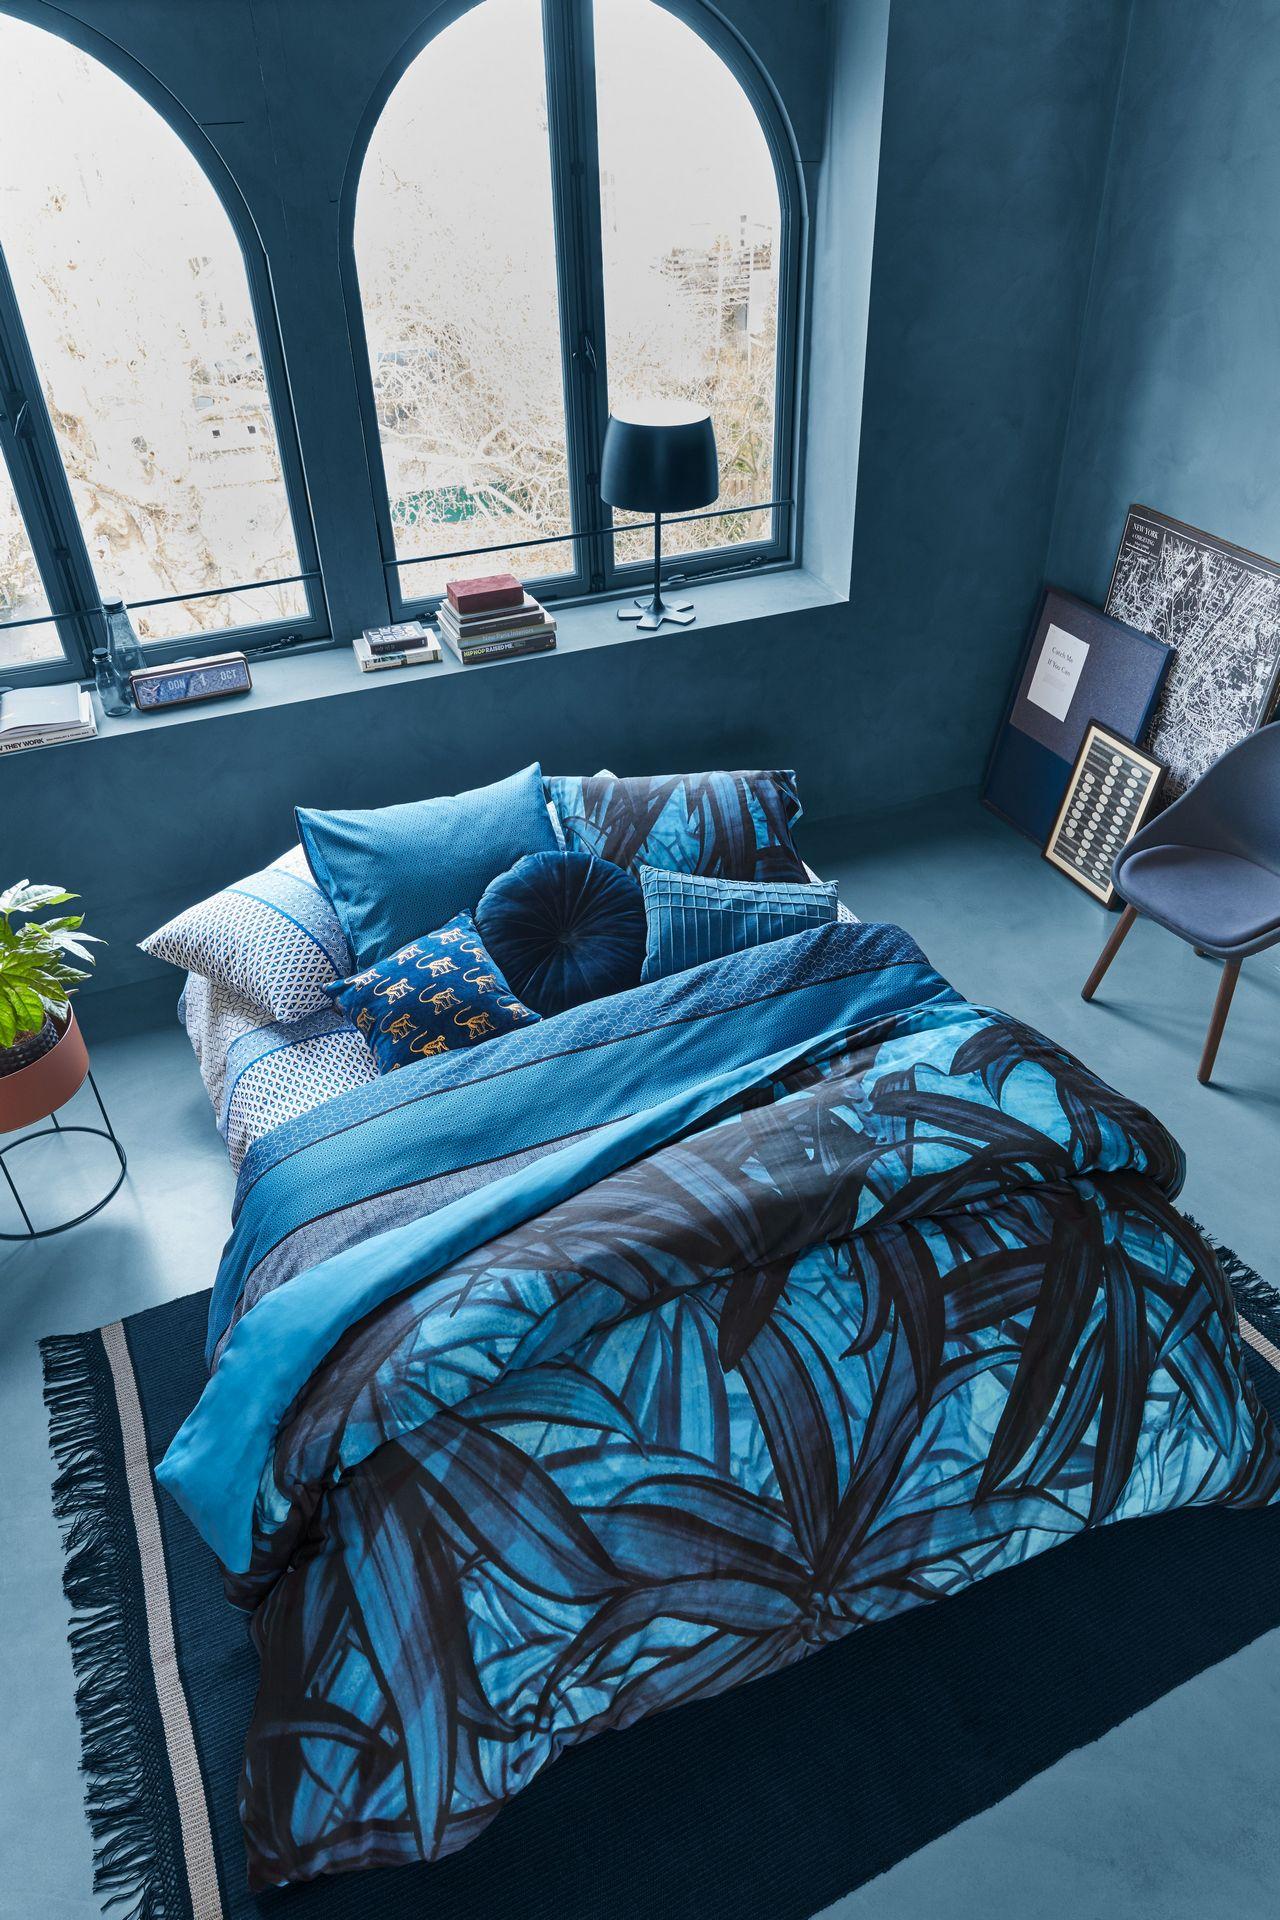 Beddinghouse Storybed Nightsky